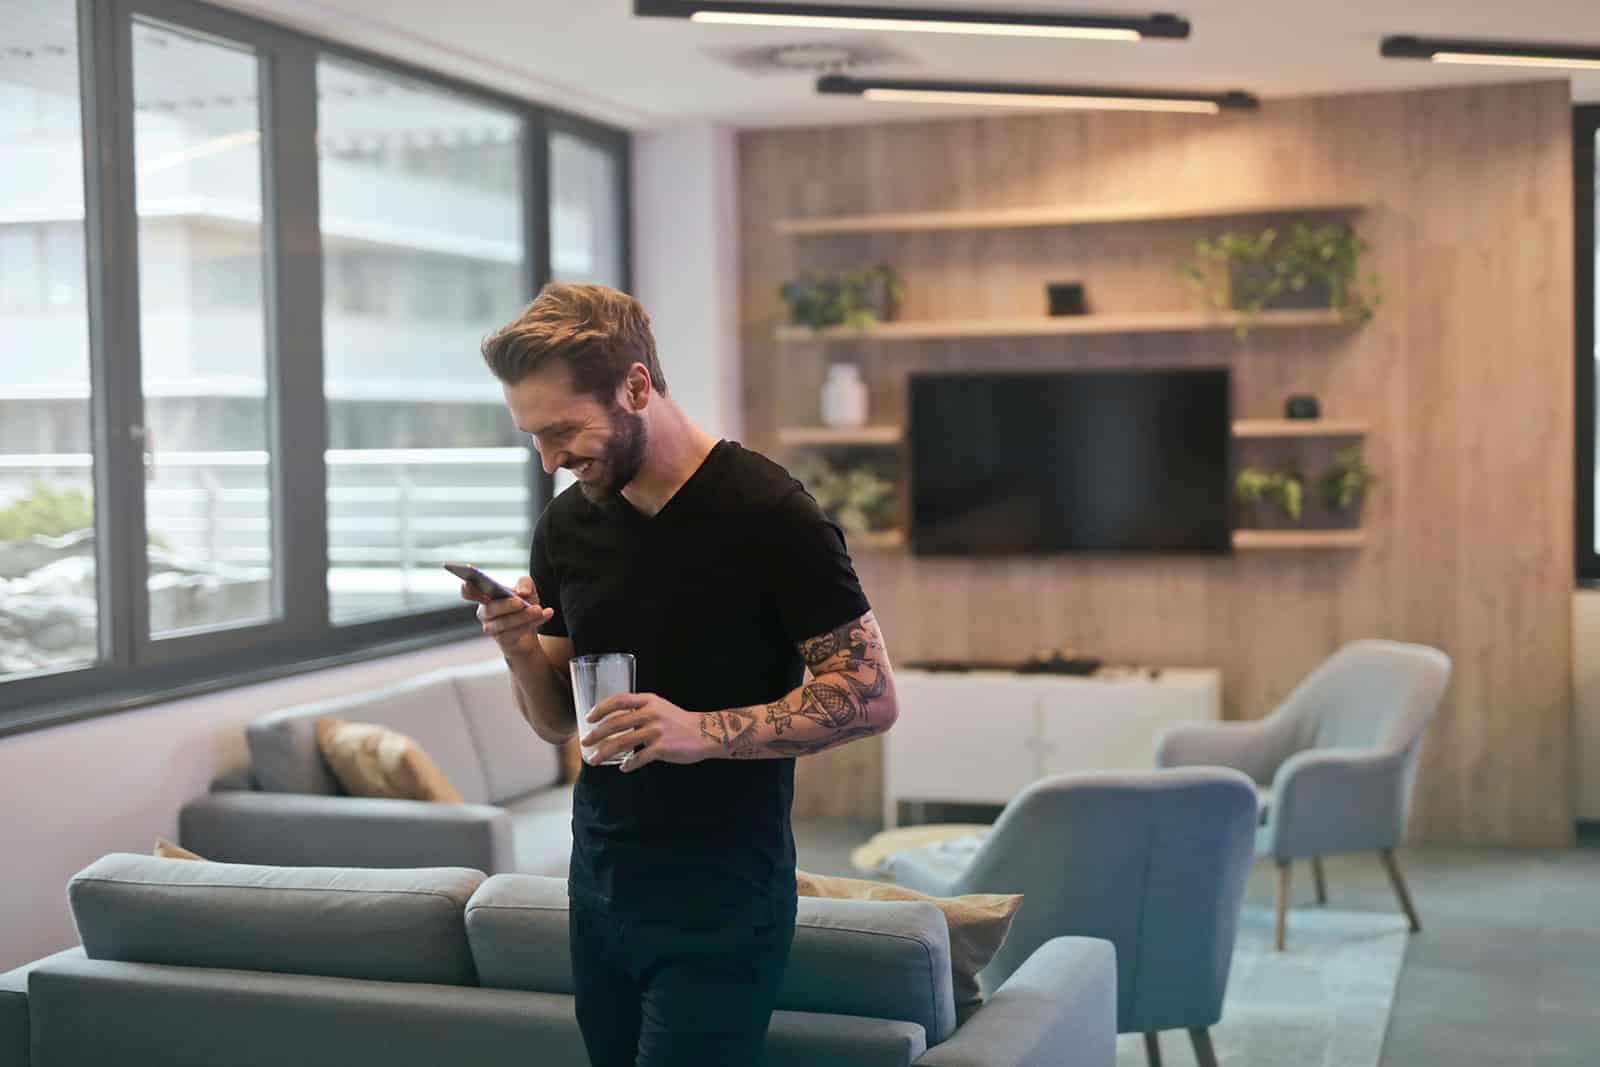 lächelnder Mann, der Smartphone betrachtet, das im Wohnzimmer steht